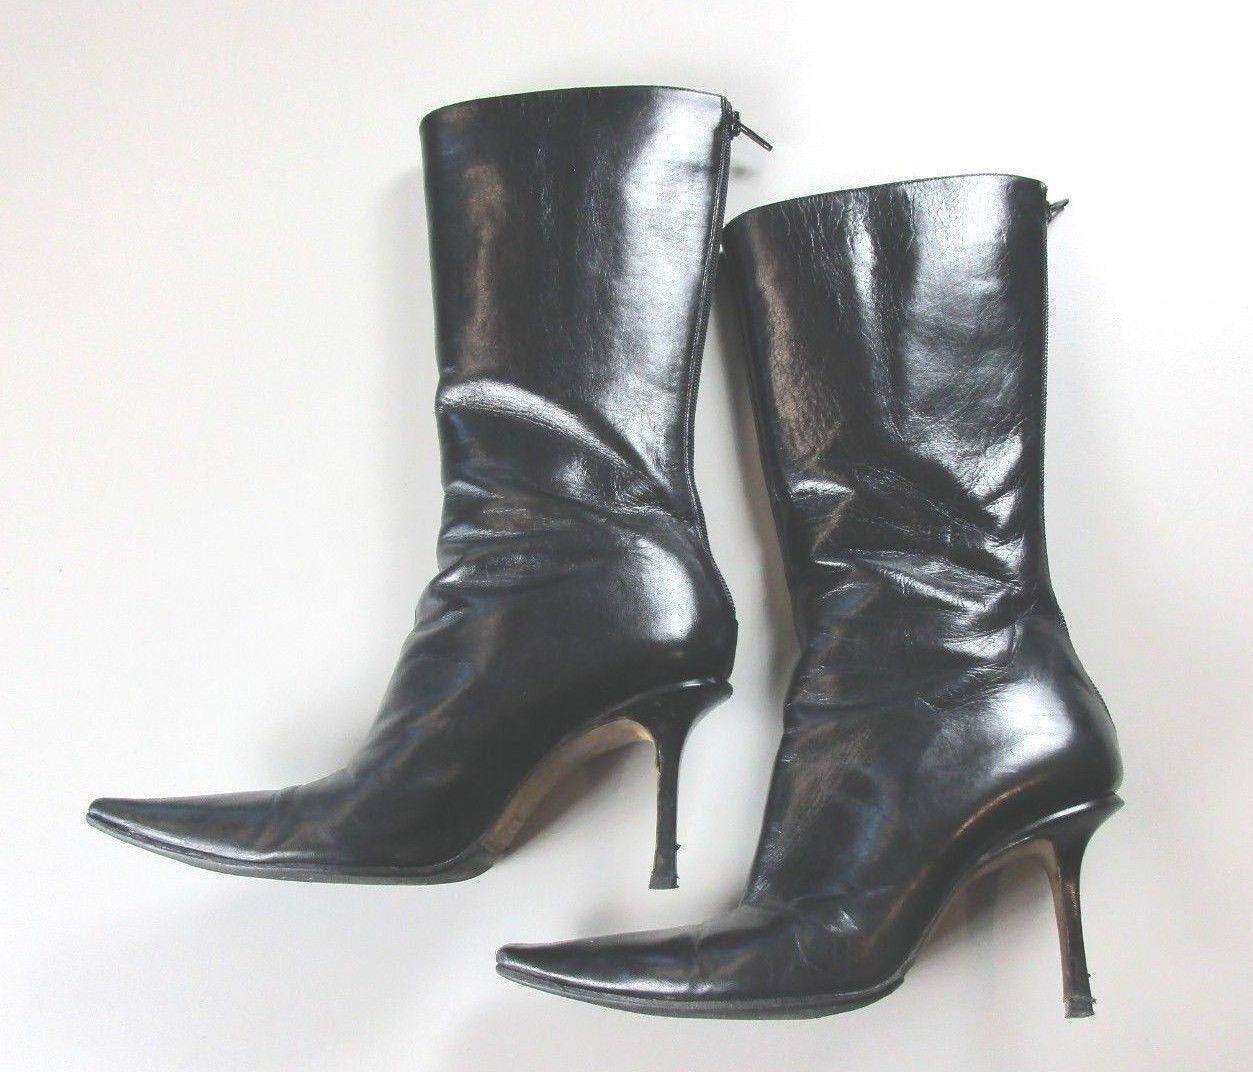 Jimmy Choo B22 Talla 8-8.5 (39) (39) (39) para mujer negro con cremallera en la espalda botas italianas Puntera Puntiaguda  n ° 1 en línea